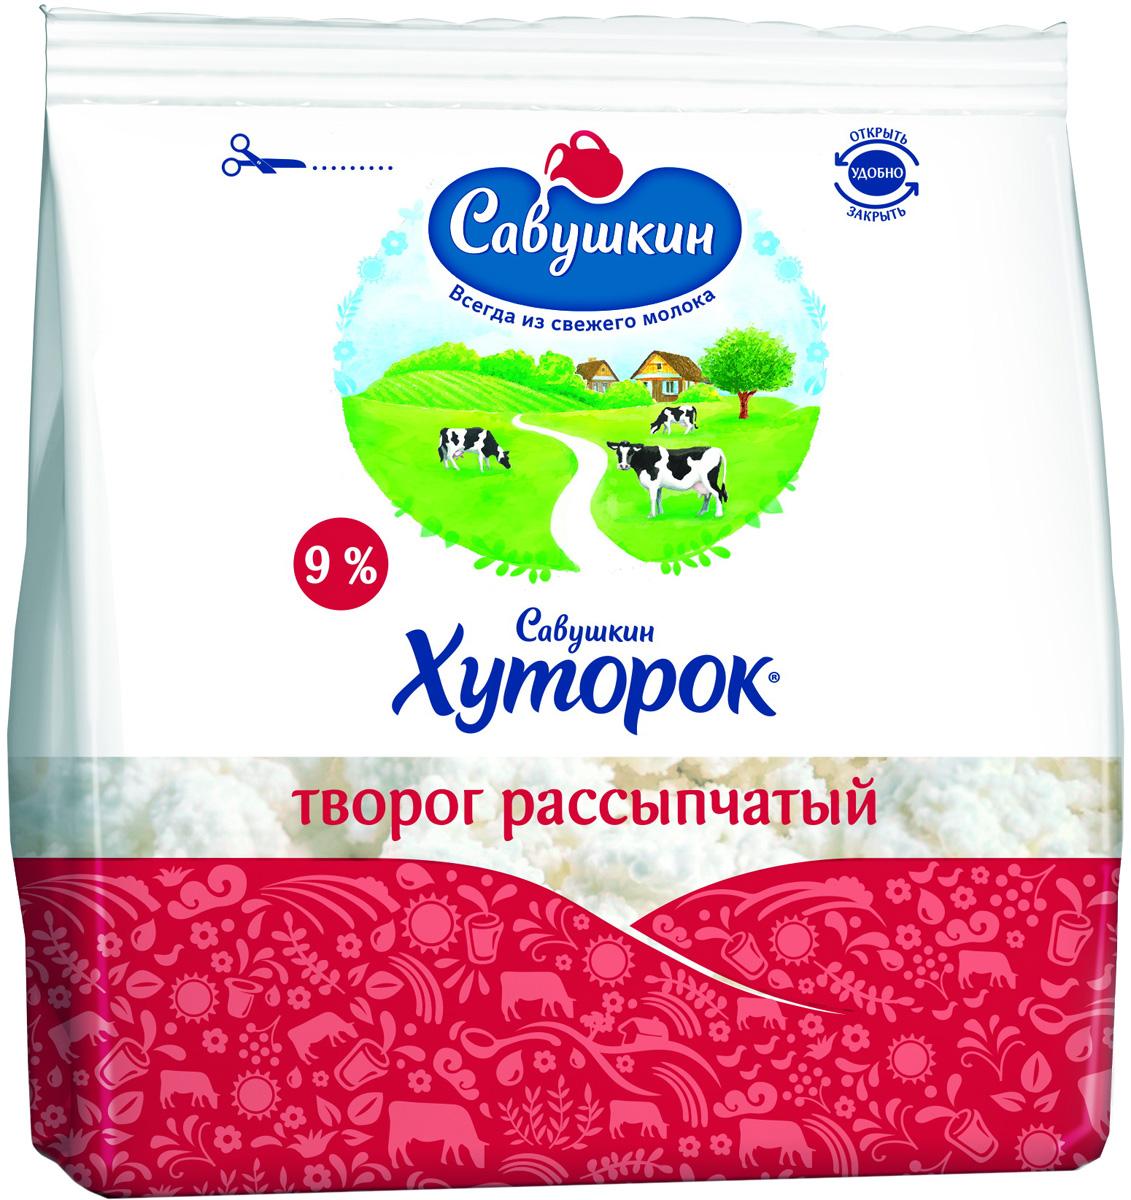 Савушкин Творог Рассыпчатый 9%, 350 г